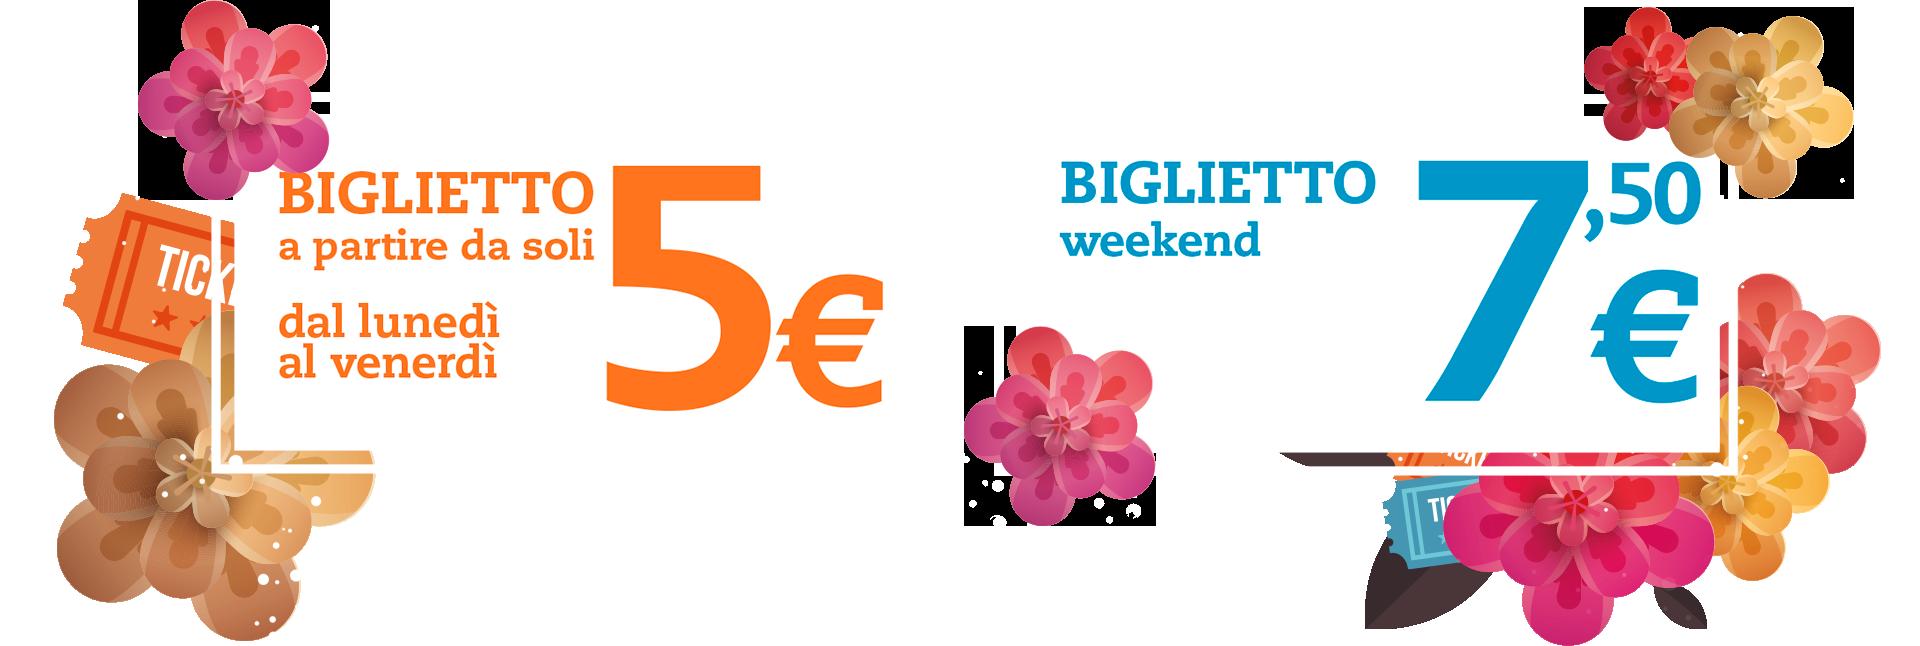 Biglietto a partire da soli 5€ dal lunedì al venerdì. Biglietto a partire da soli 7,5€ nel weekend.